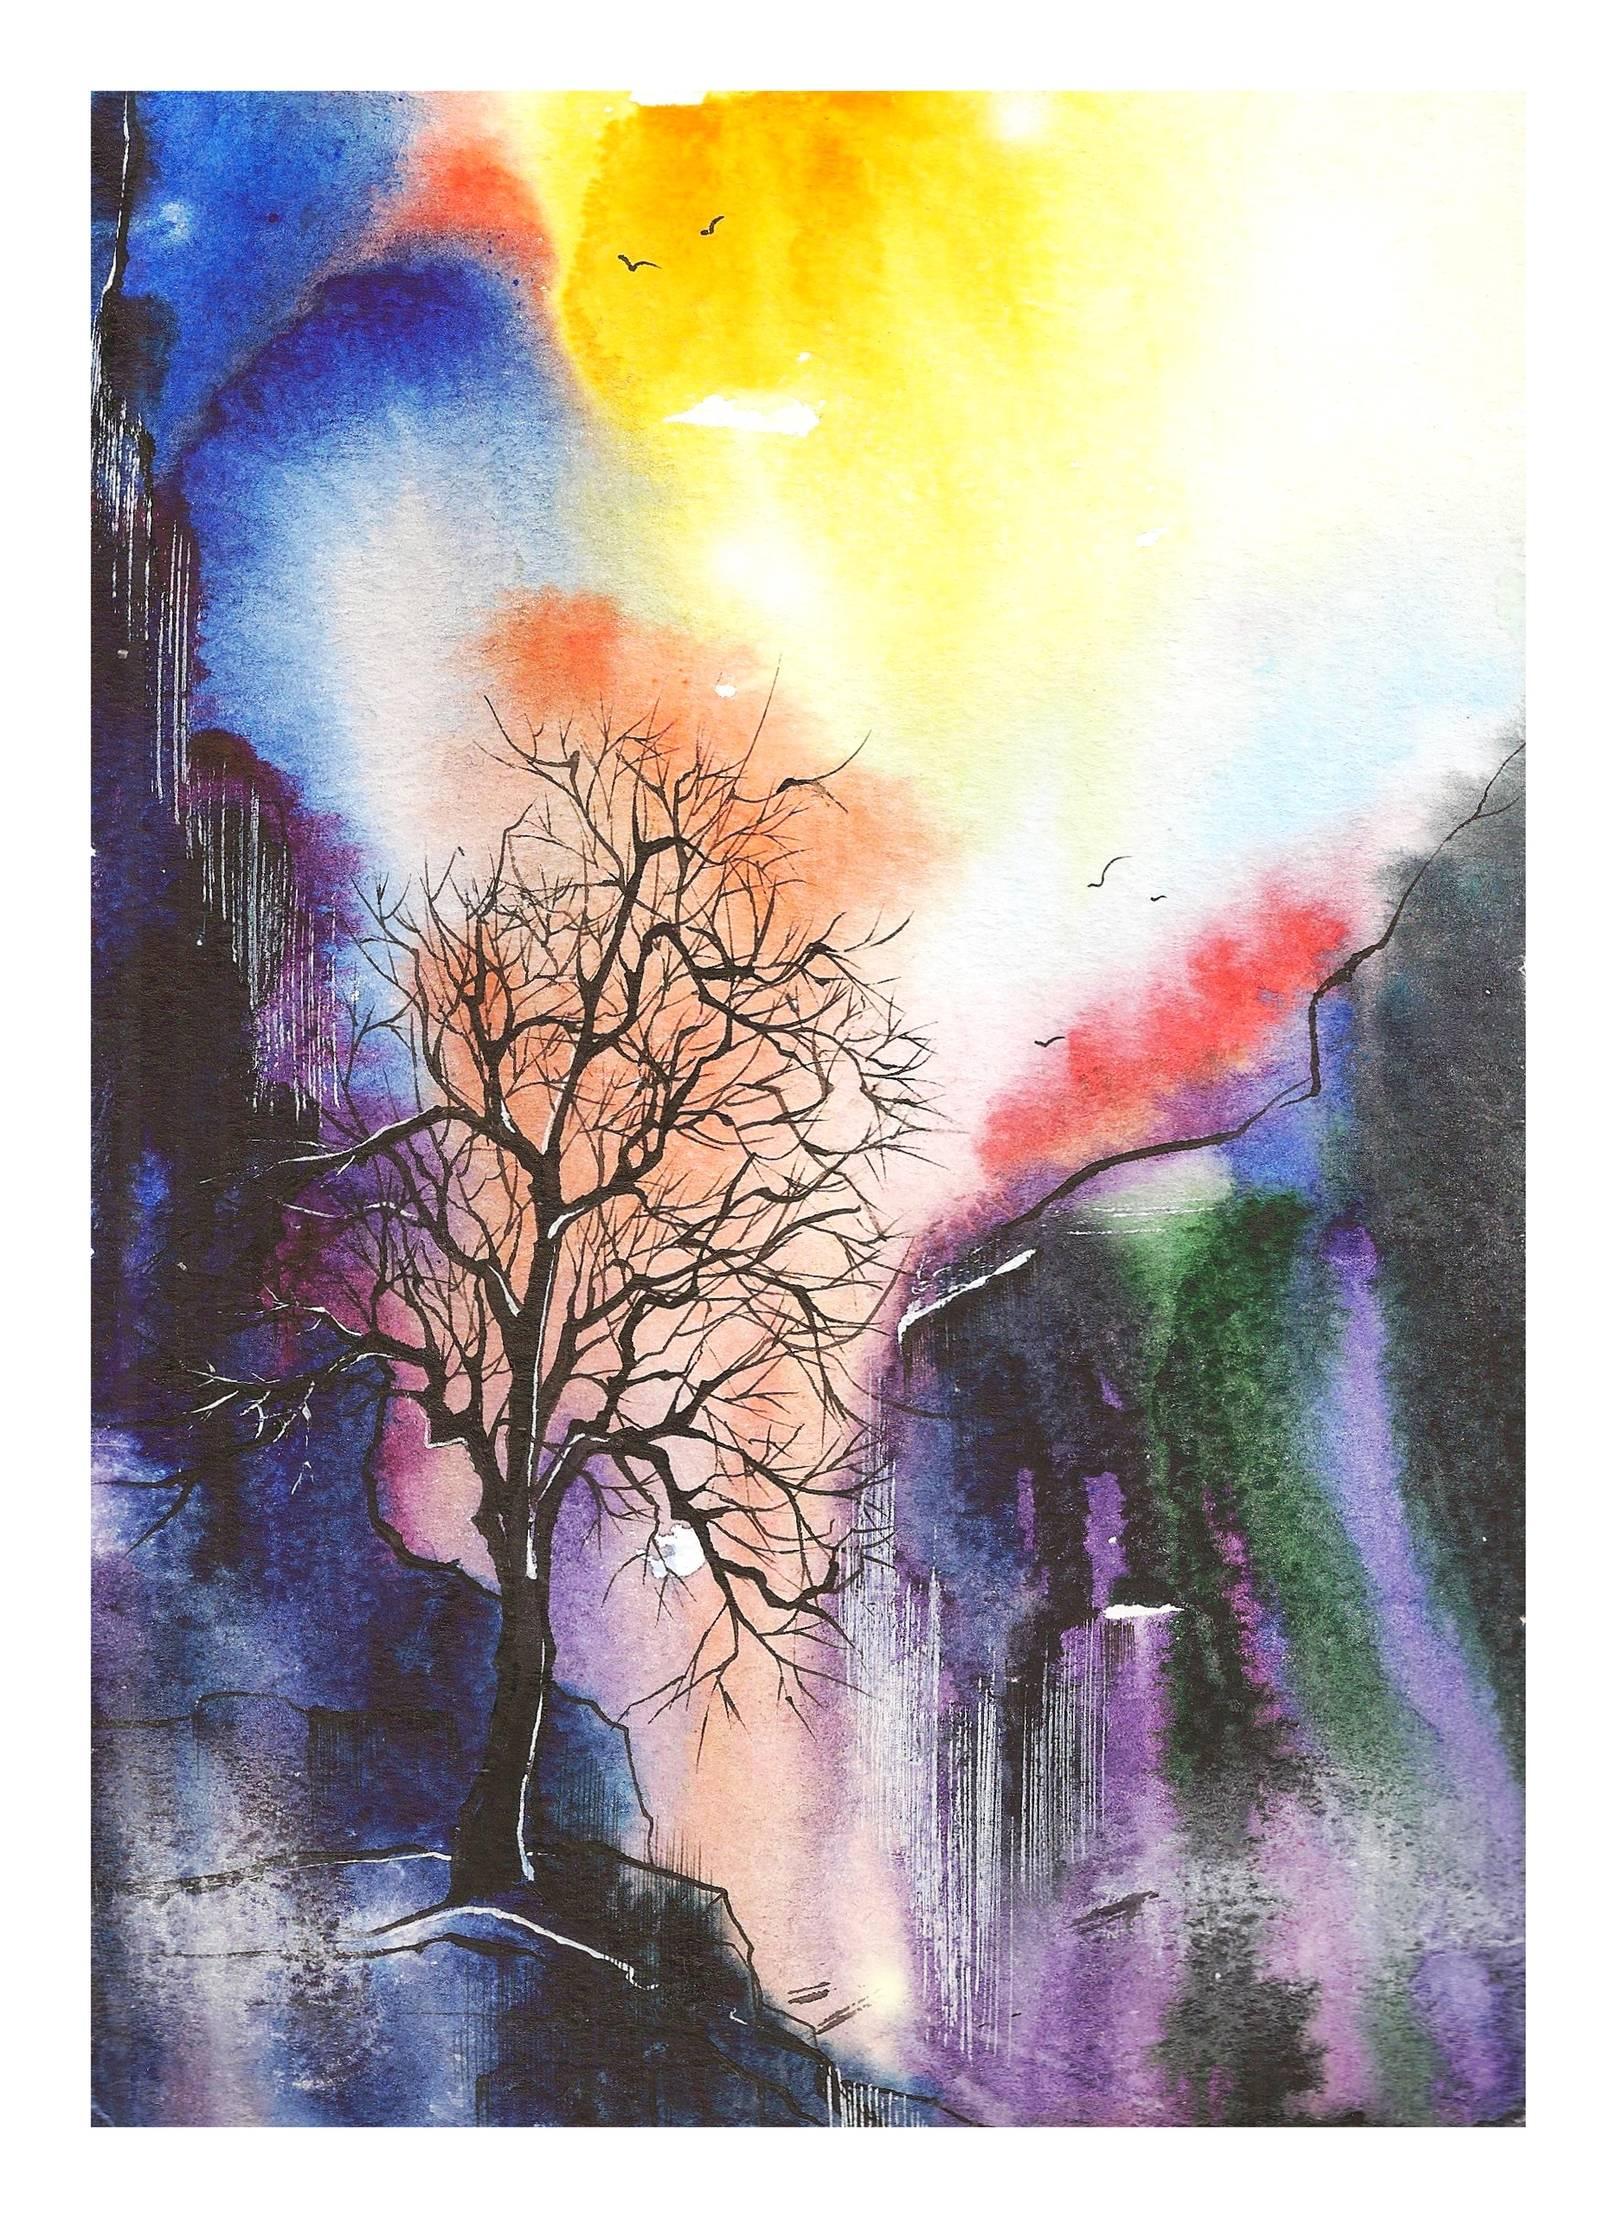 Водопад. Иллюстрация к стихотворению С.Мирзаева. Акварель, тушь.